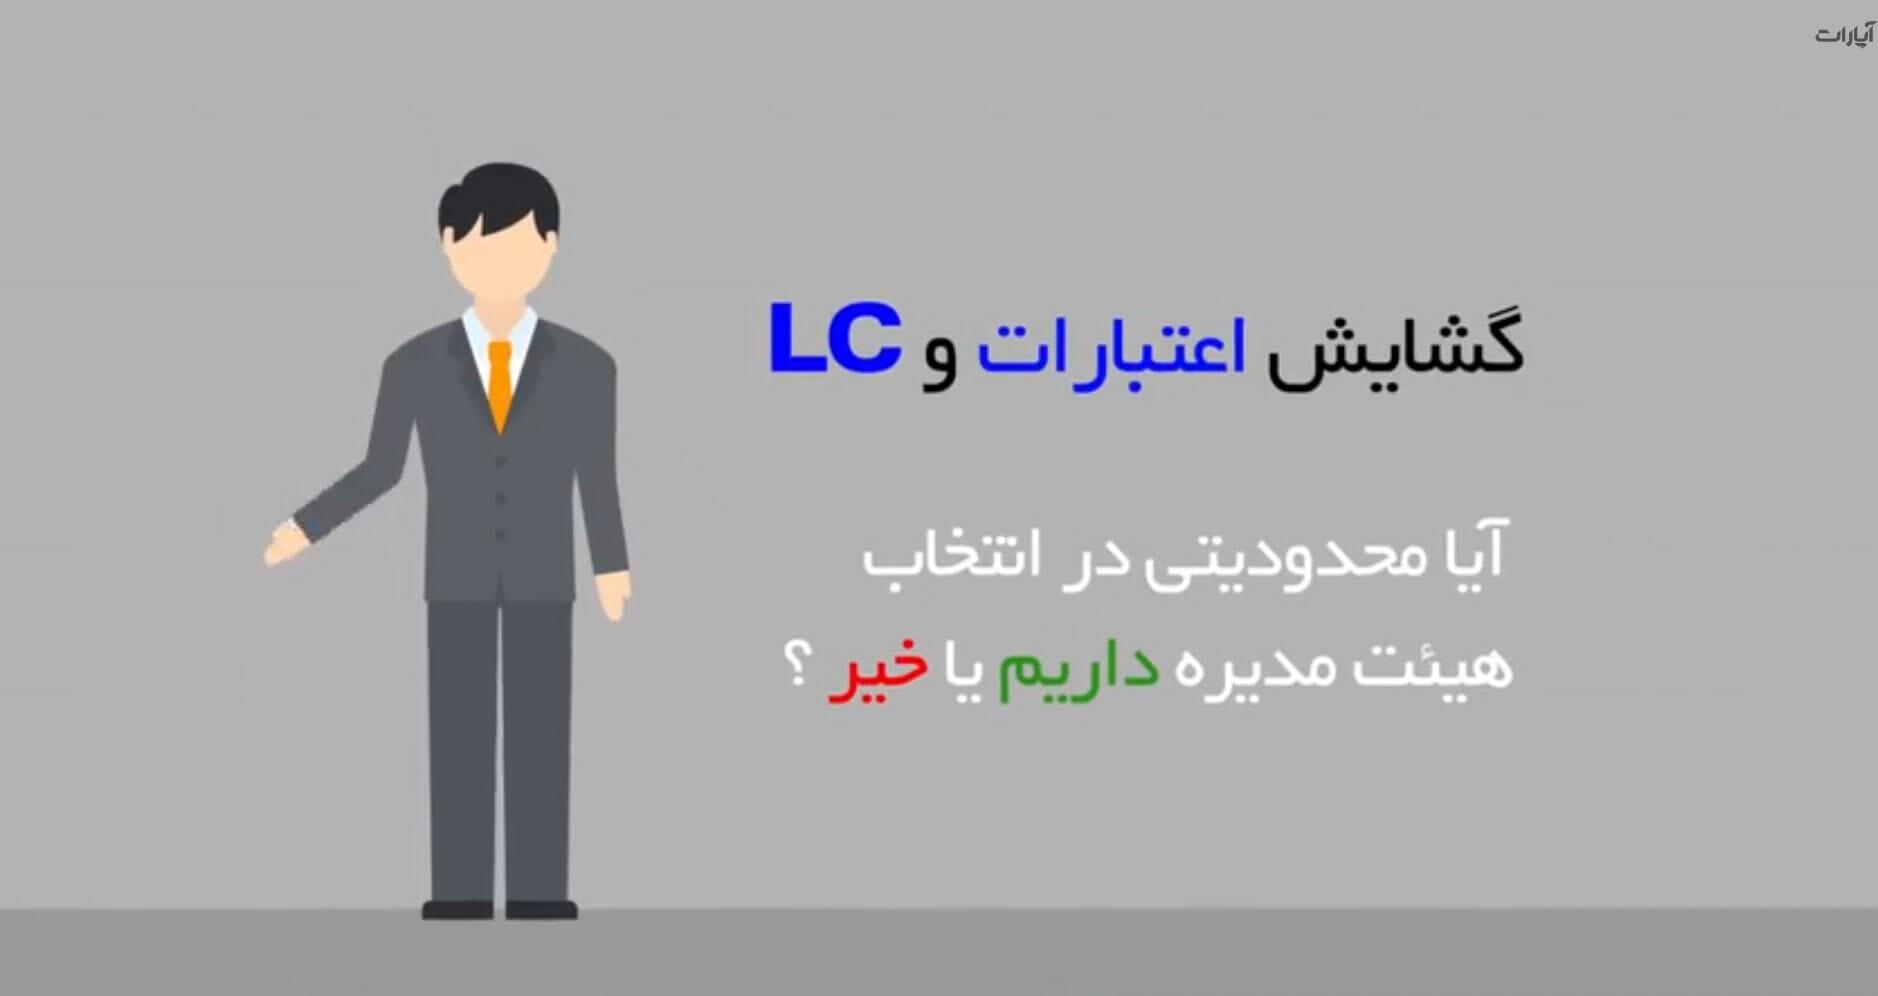 گشایش اعتبارات و lc چیست ؟